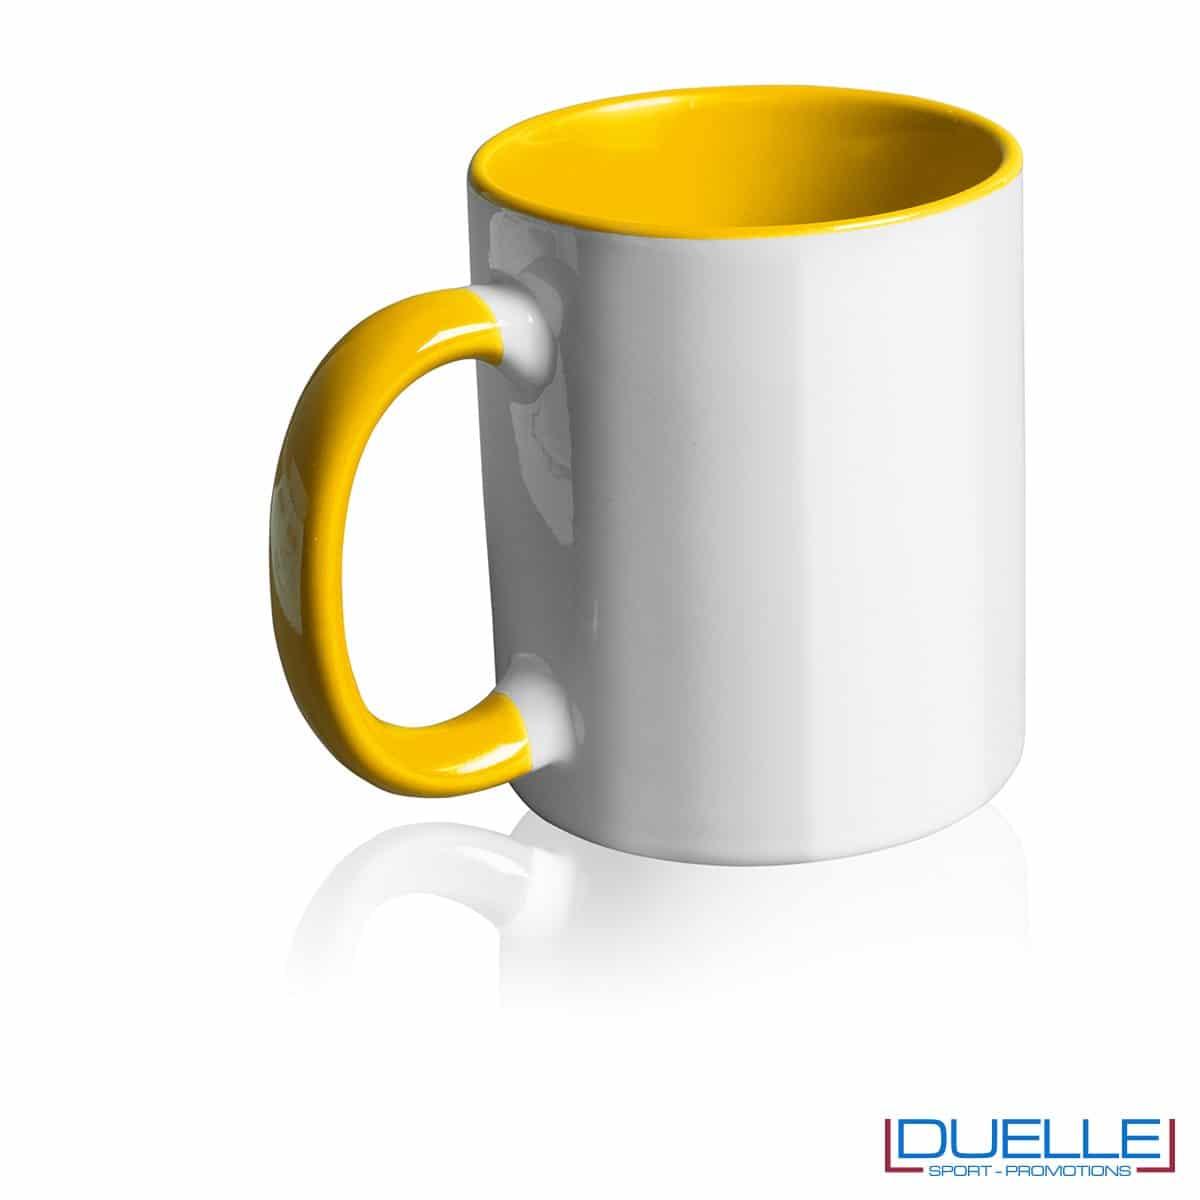 Tazza personalizzata promozionale in ceramica con interni giallo